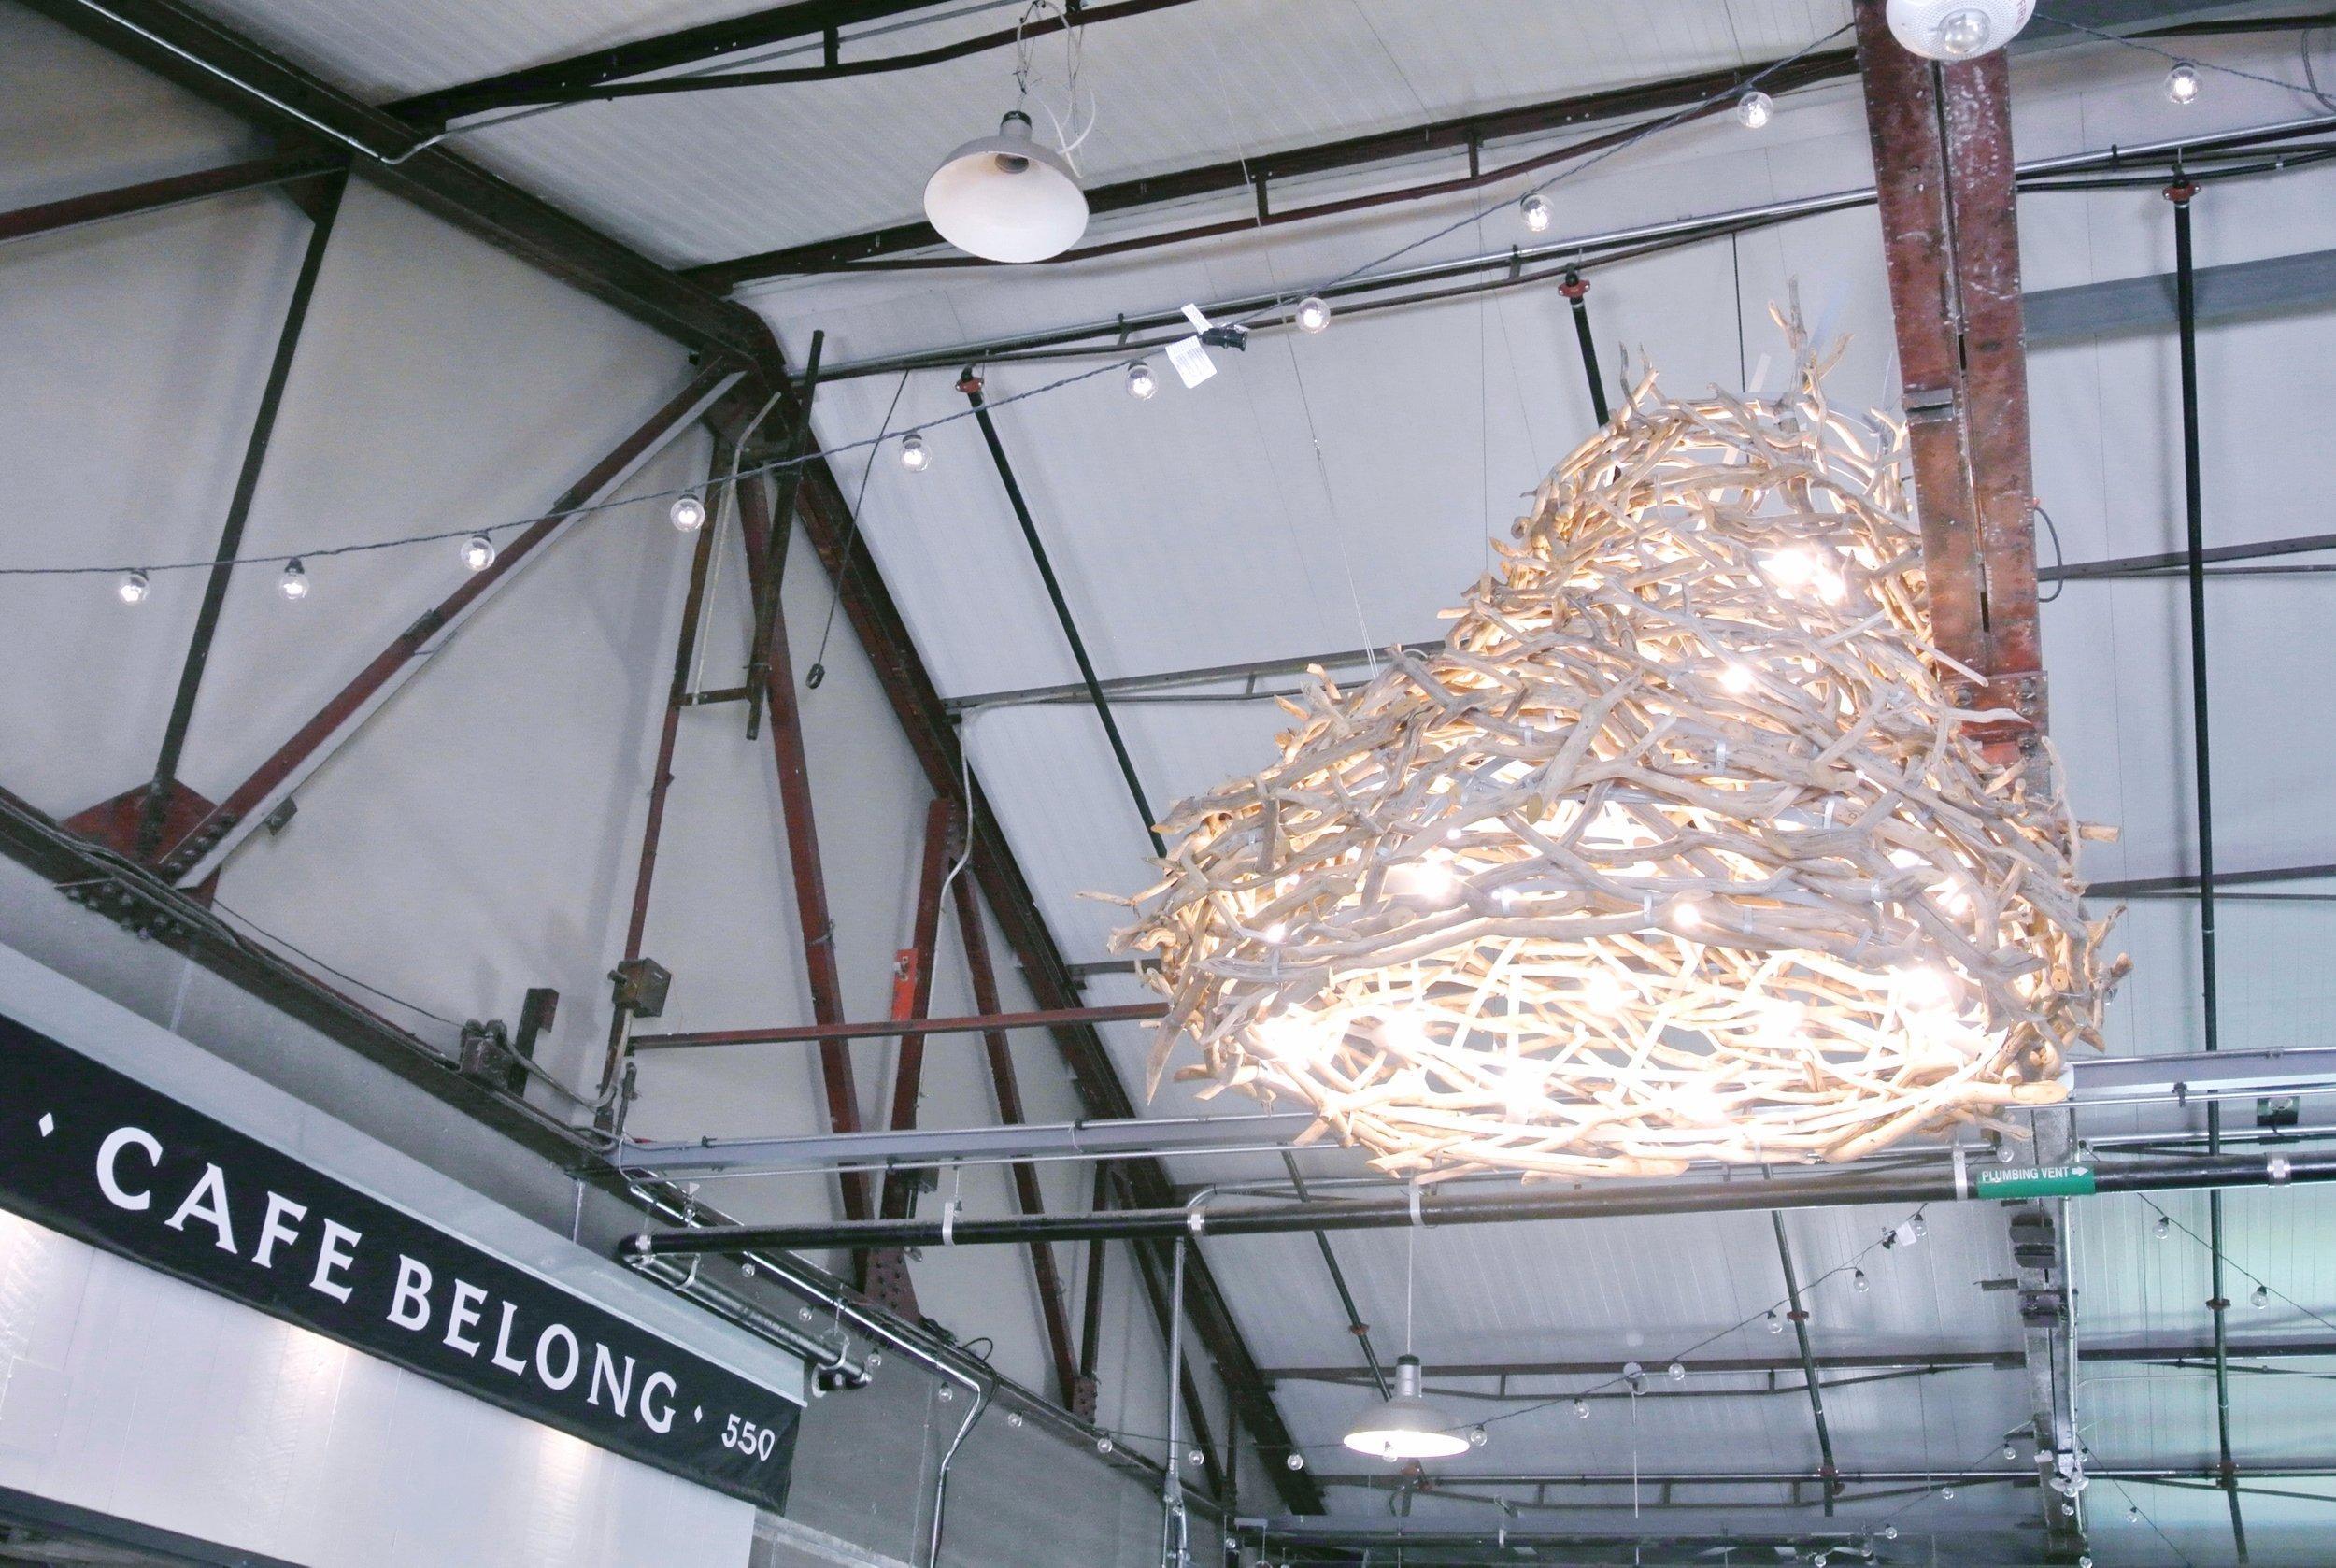 The bird's nest light outside of the  Café Belong  entrance | ebbony&lune